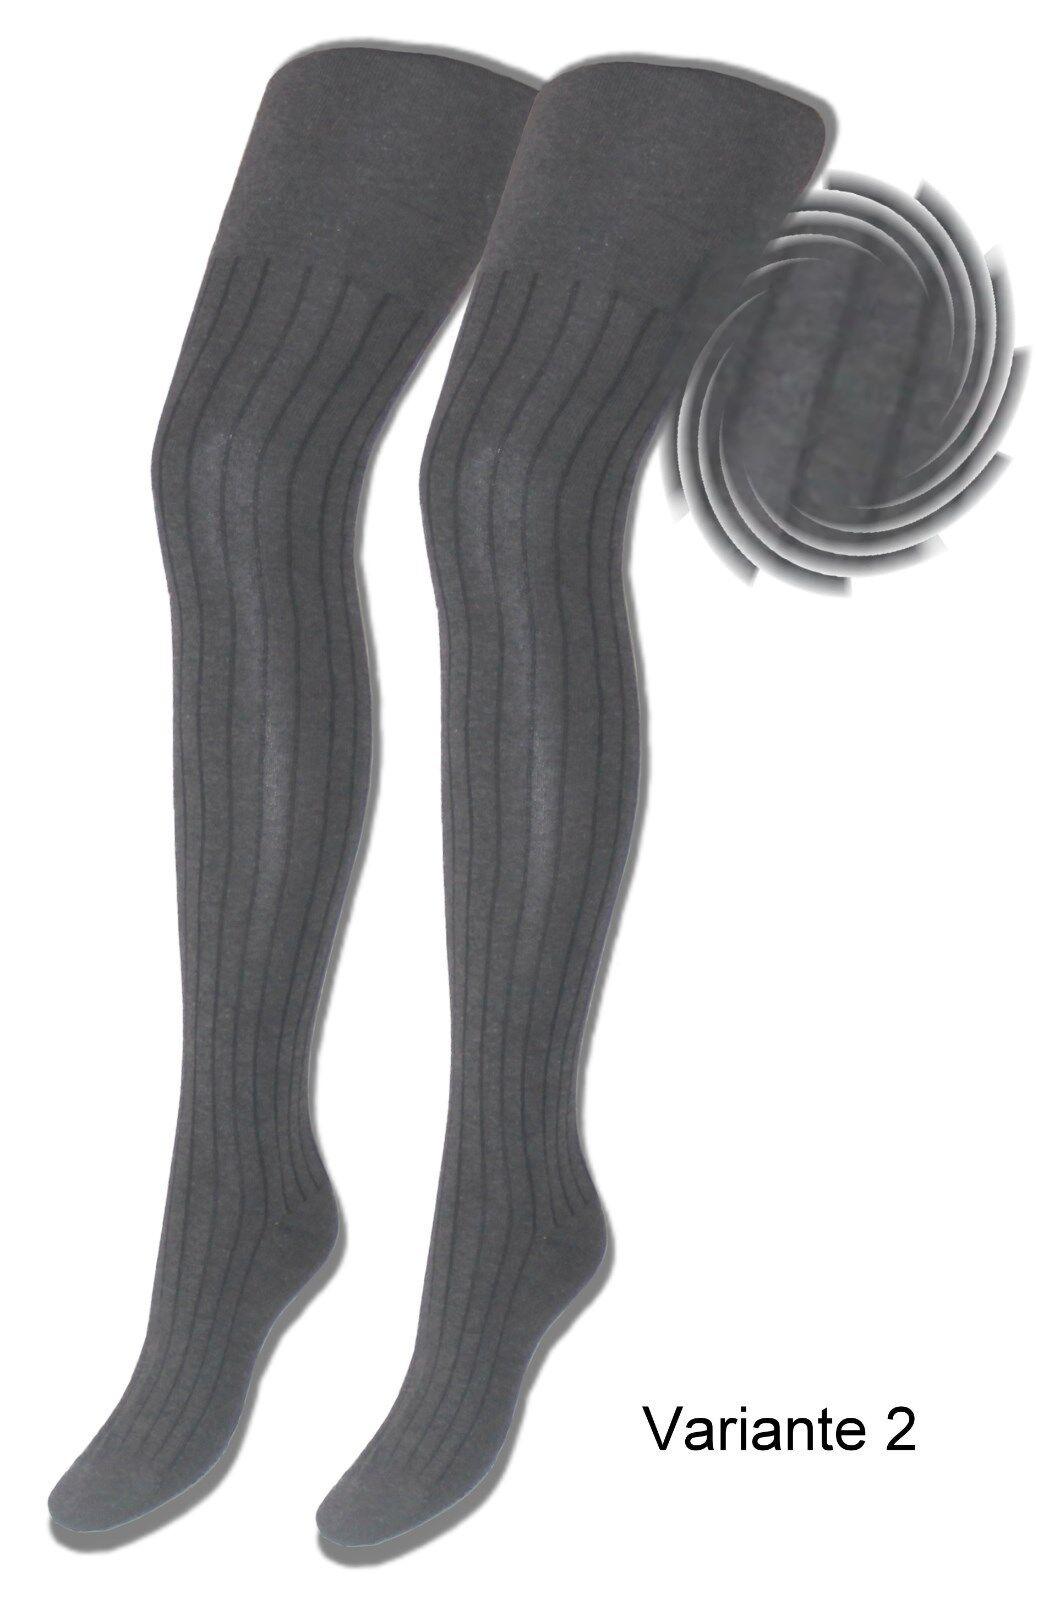 Damen Strumpfhose 2 Stück Baumwolle Strickstrumpfhose schwarz braun anthrazit